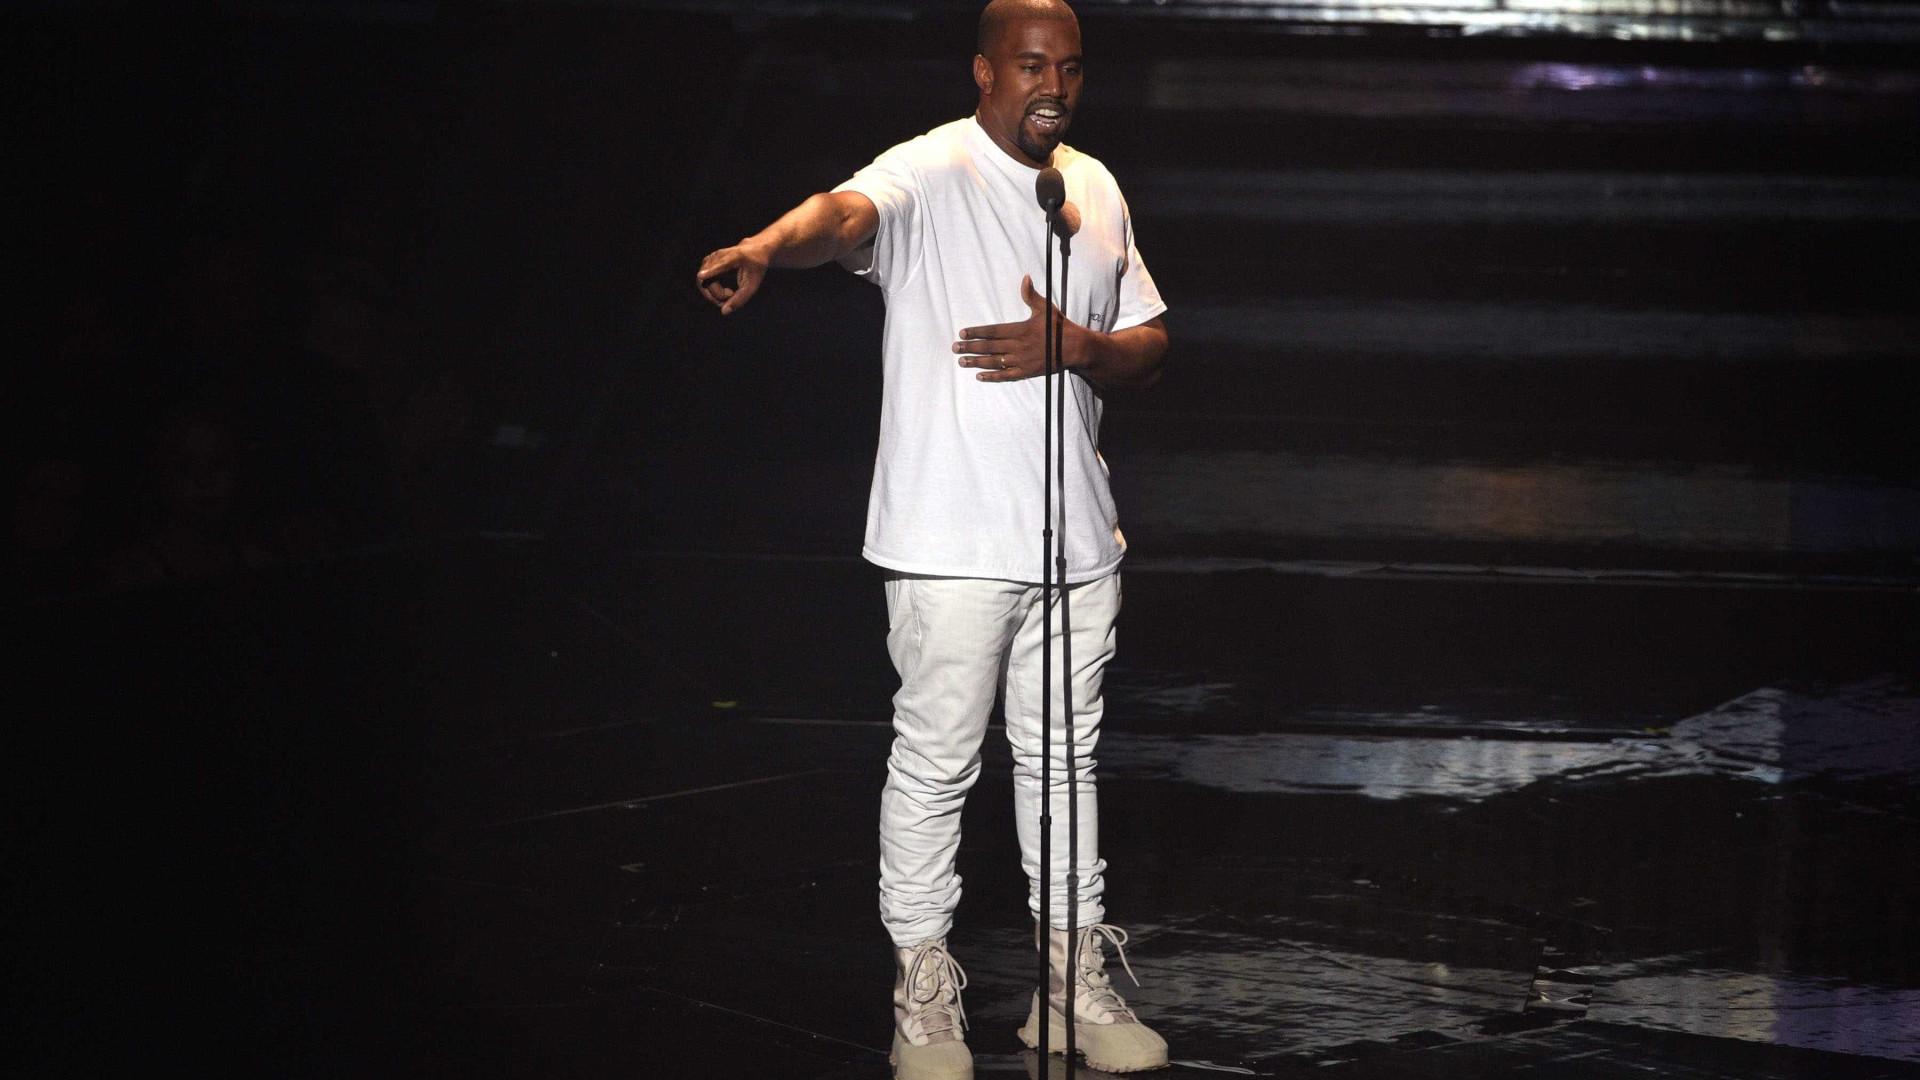 Kanye West em mais um processo de tribunal. Desta vez exige 10 milhões